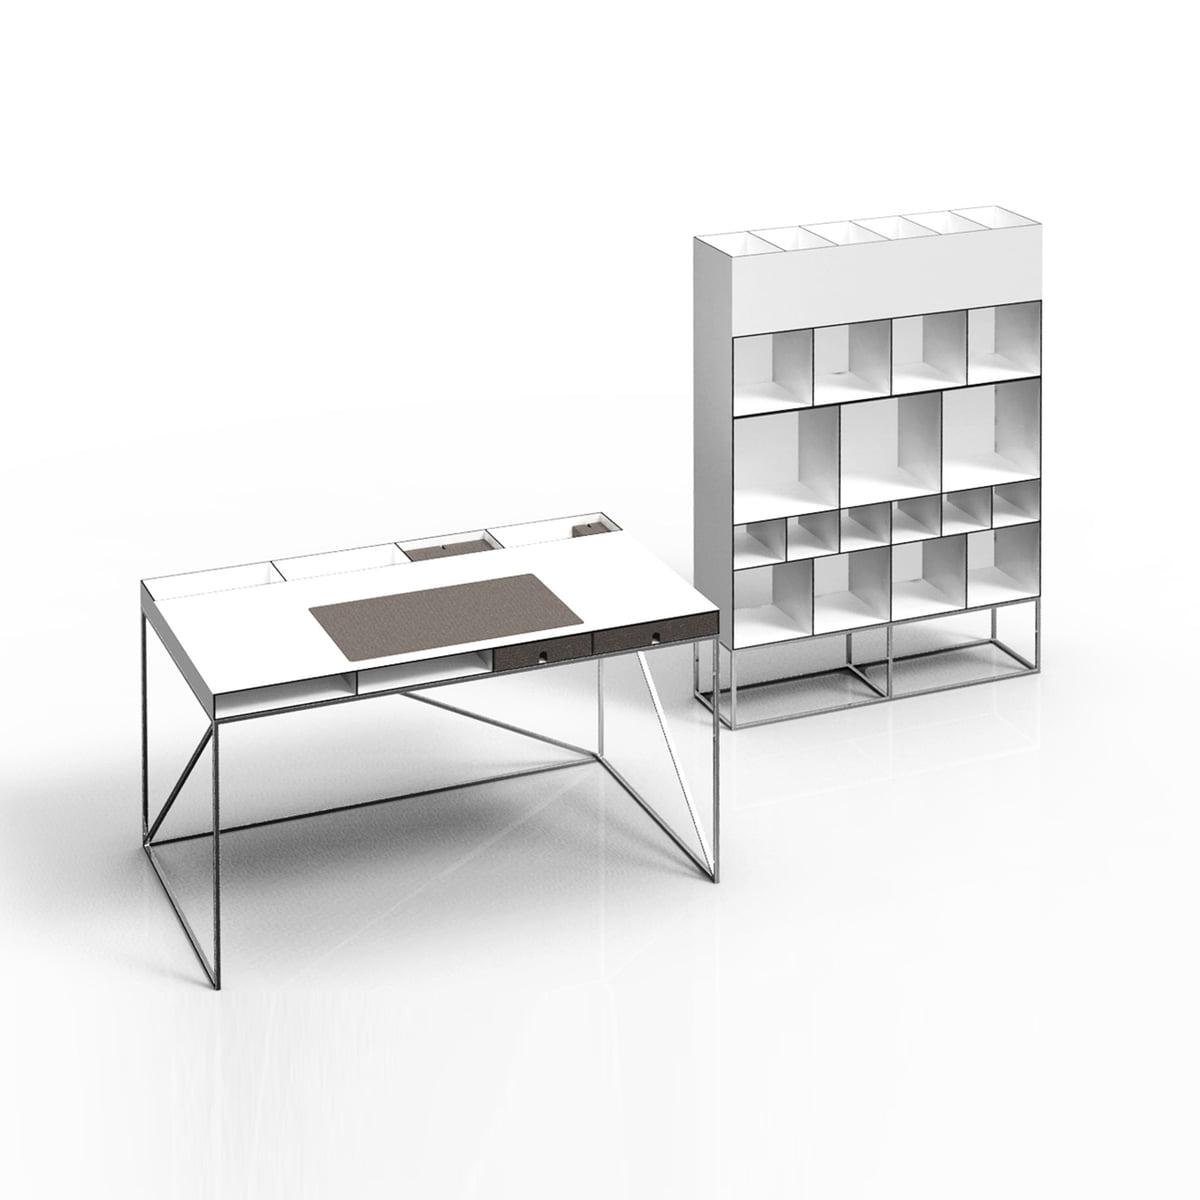 Wogg 54 schreibtisch im wohndesign shop for Schreibtisch shop